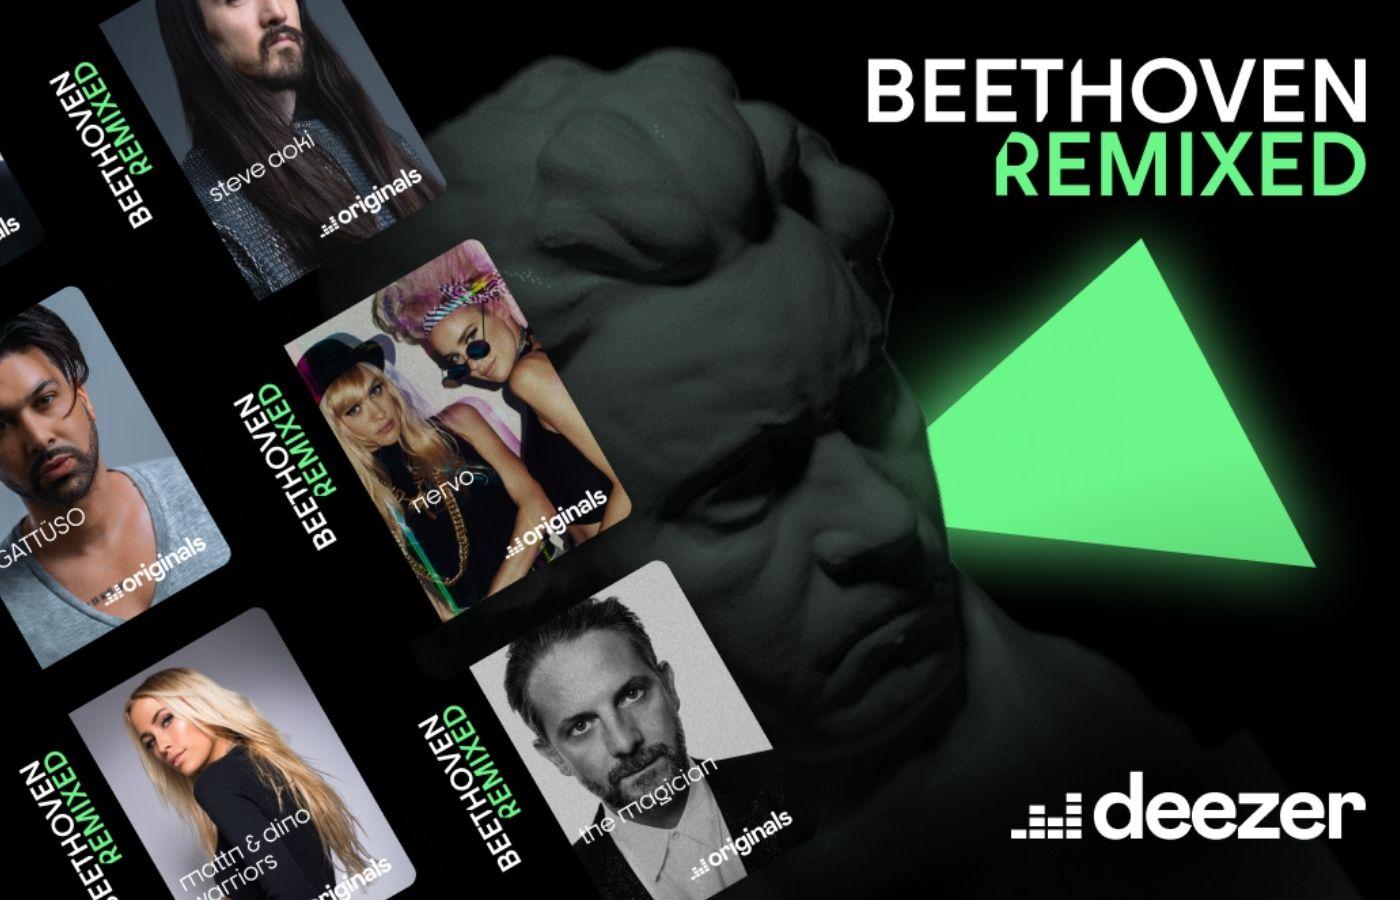 Steve Aoki, NERVO, Mariana BO y más artistas del EDM remixan canciones de Beethoven